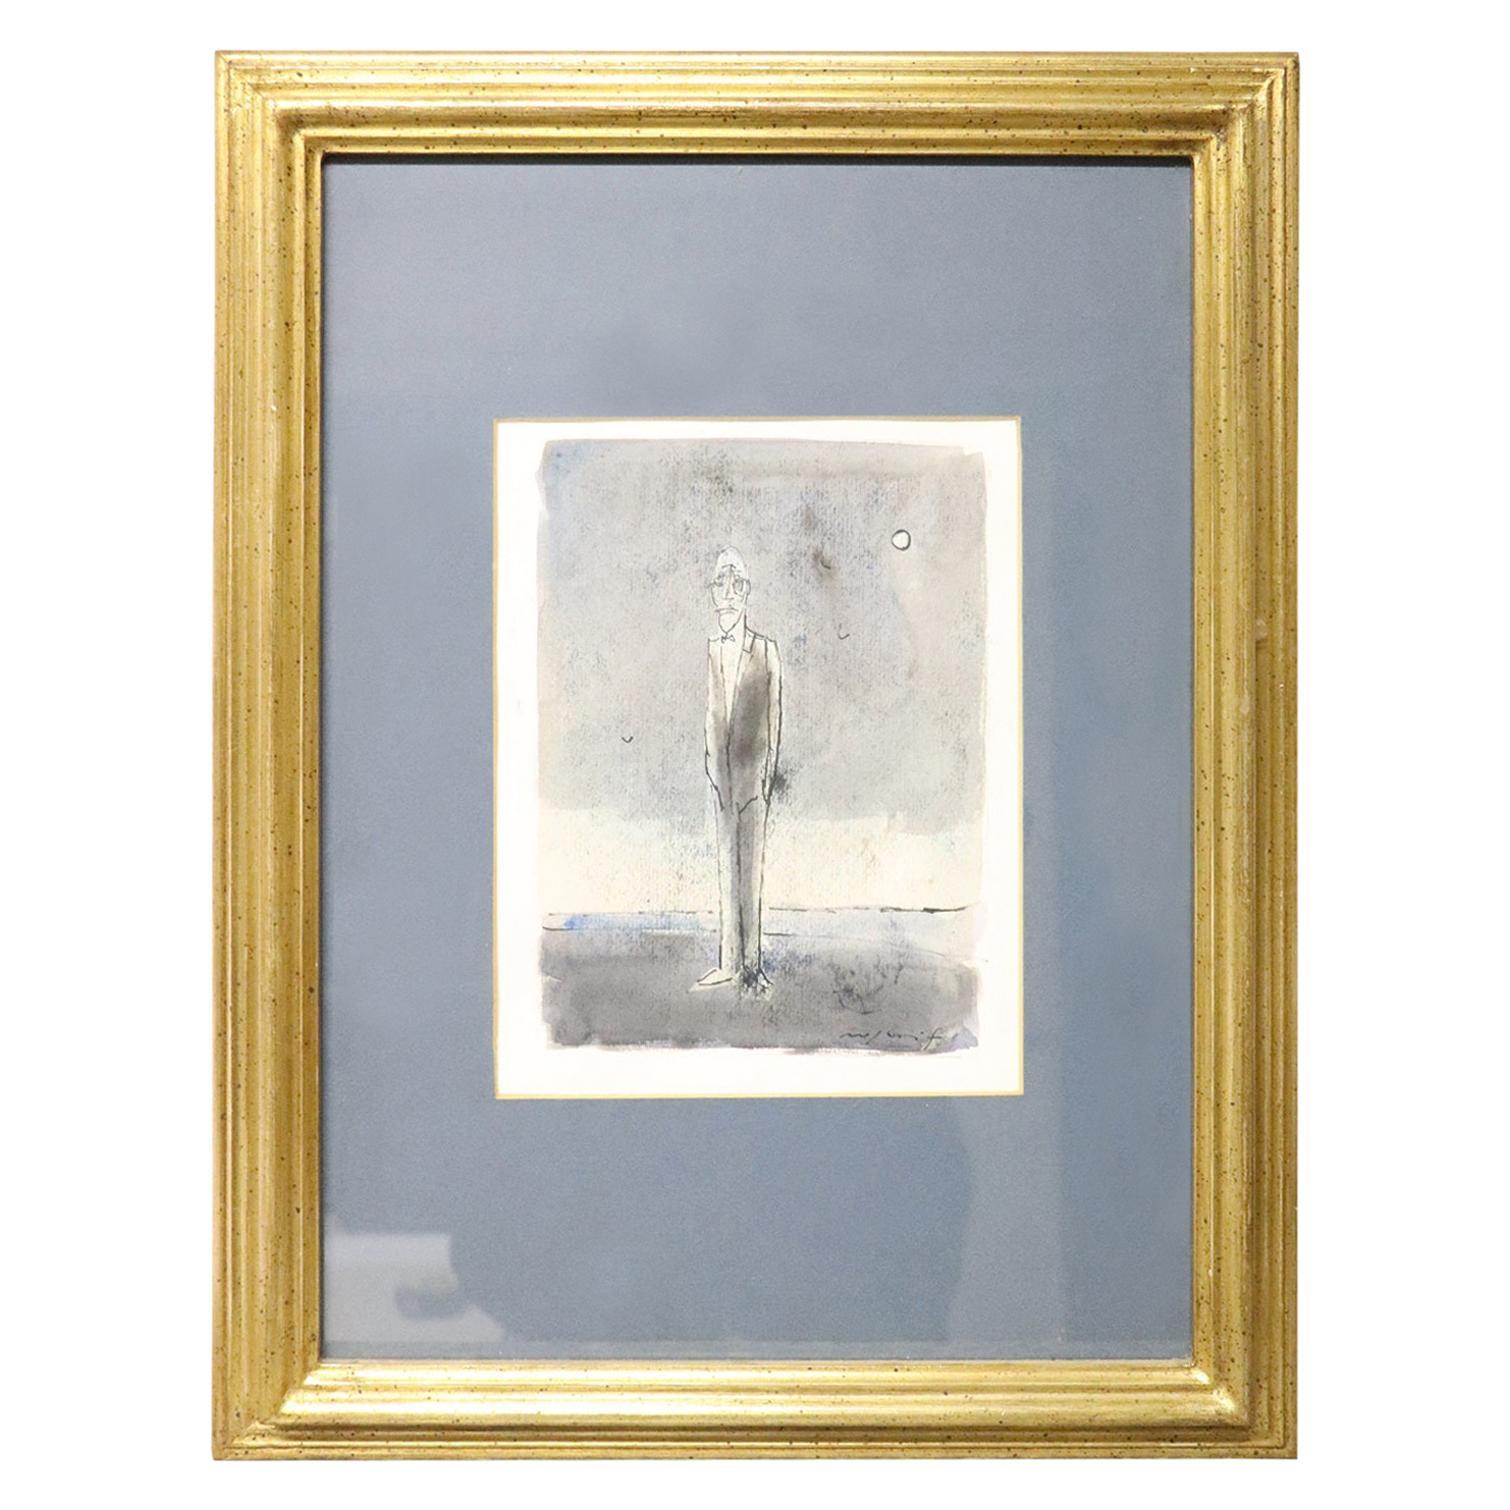 20th Century Italian Artist Tempera and Watercolor on Paper by Franco Rognoni